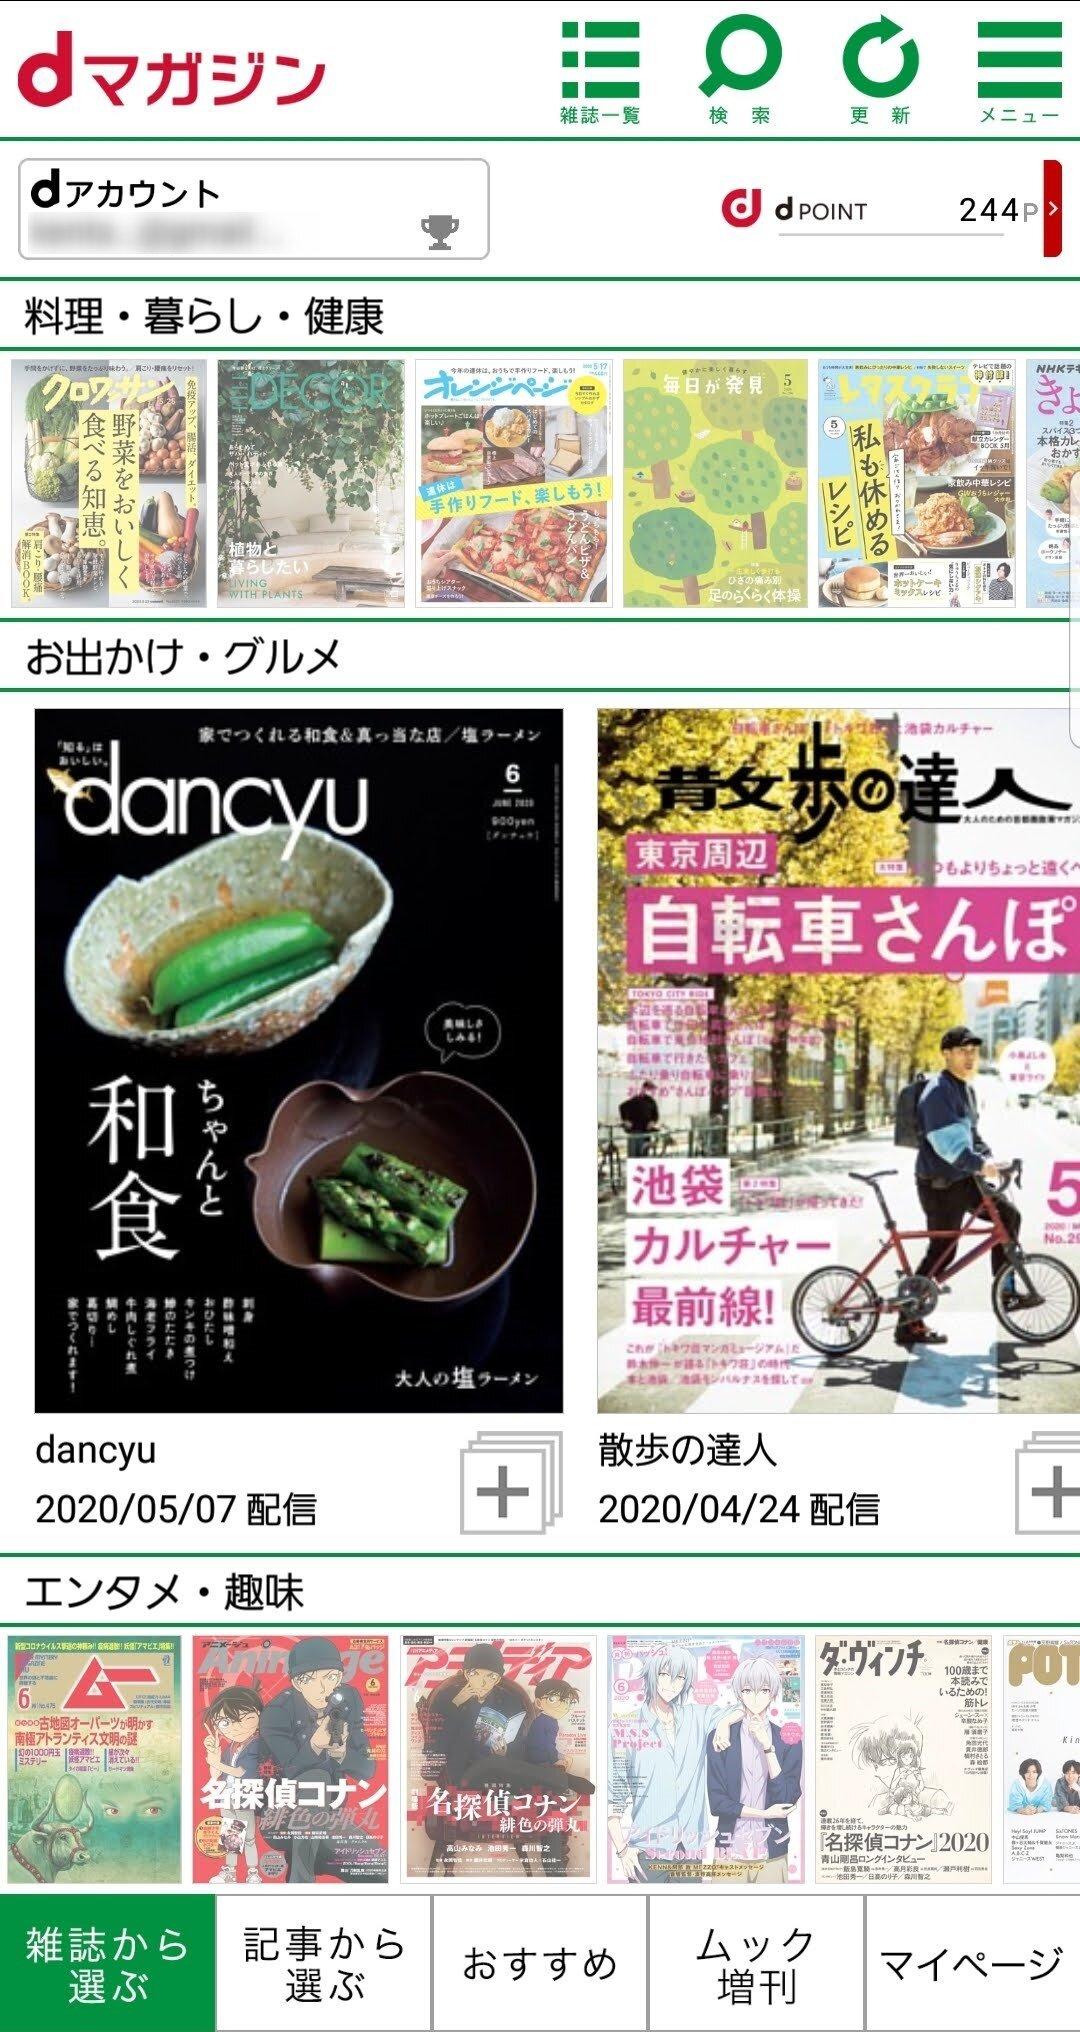 dMagazine open